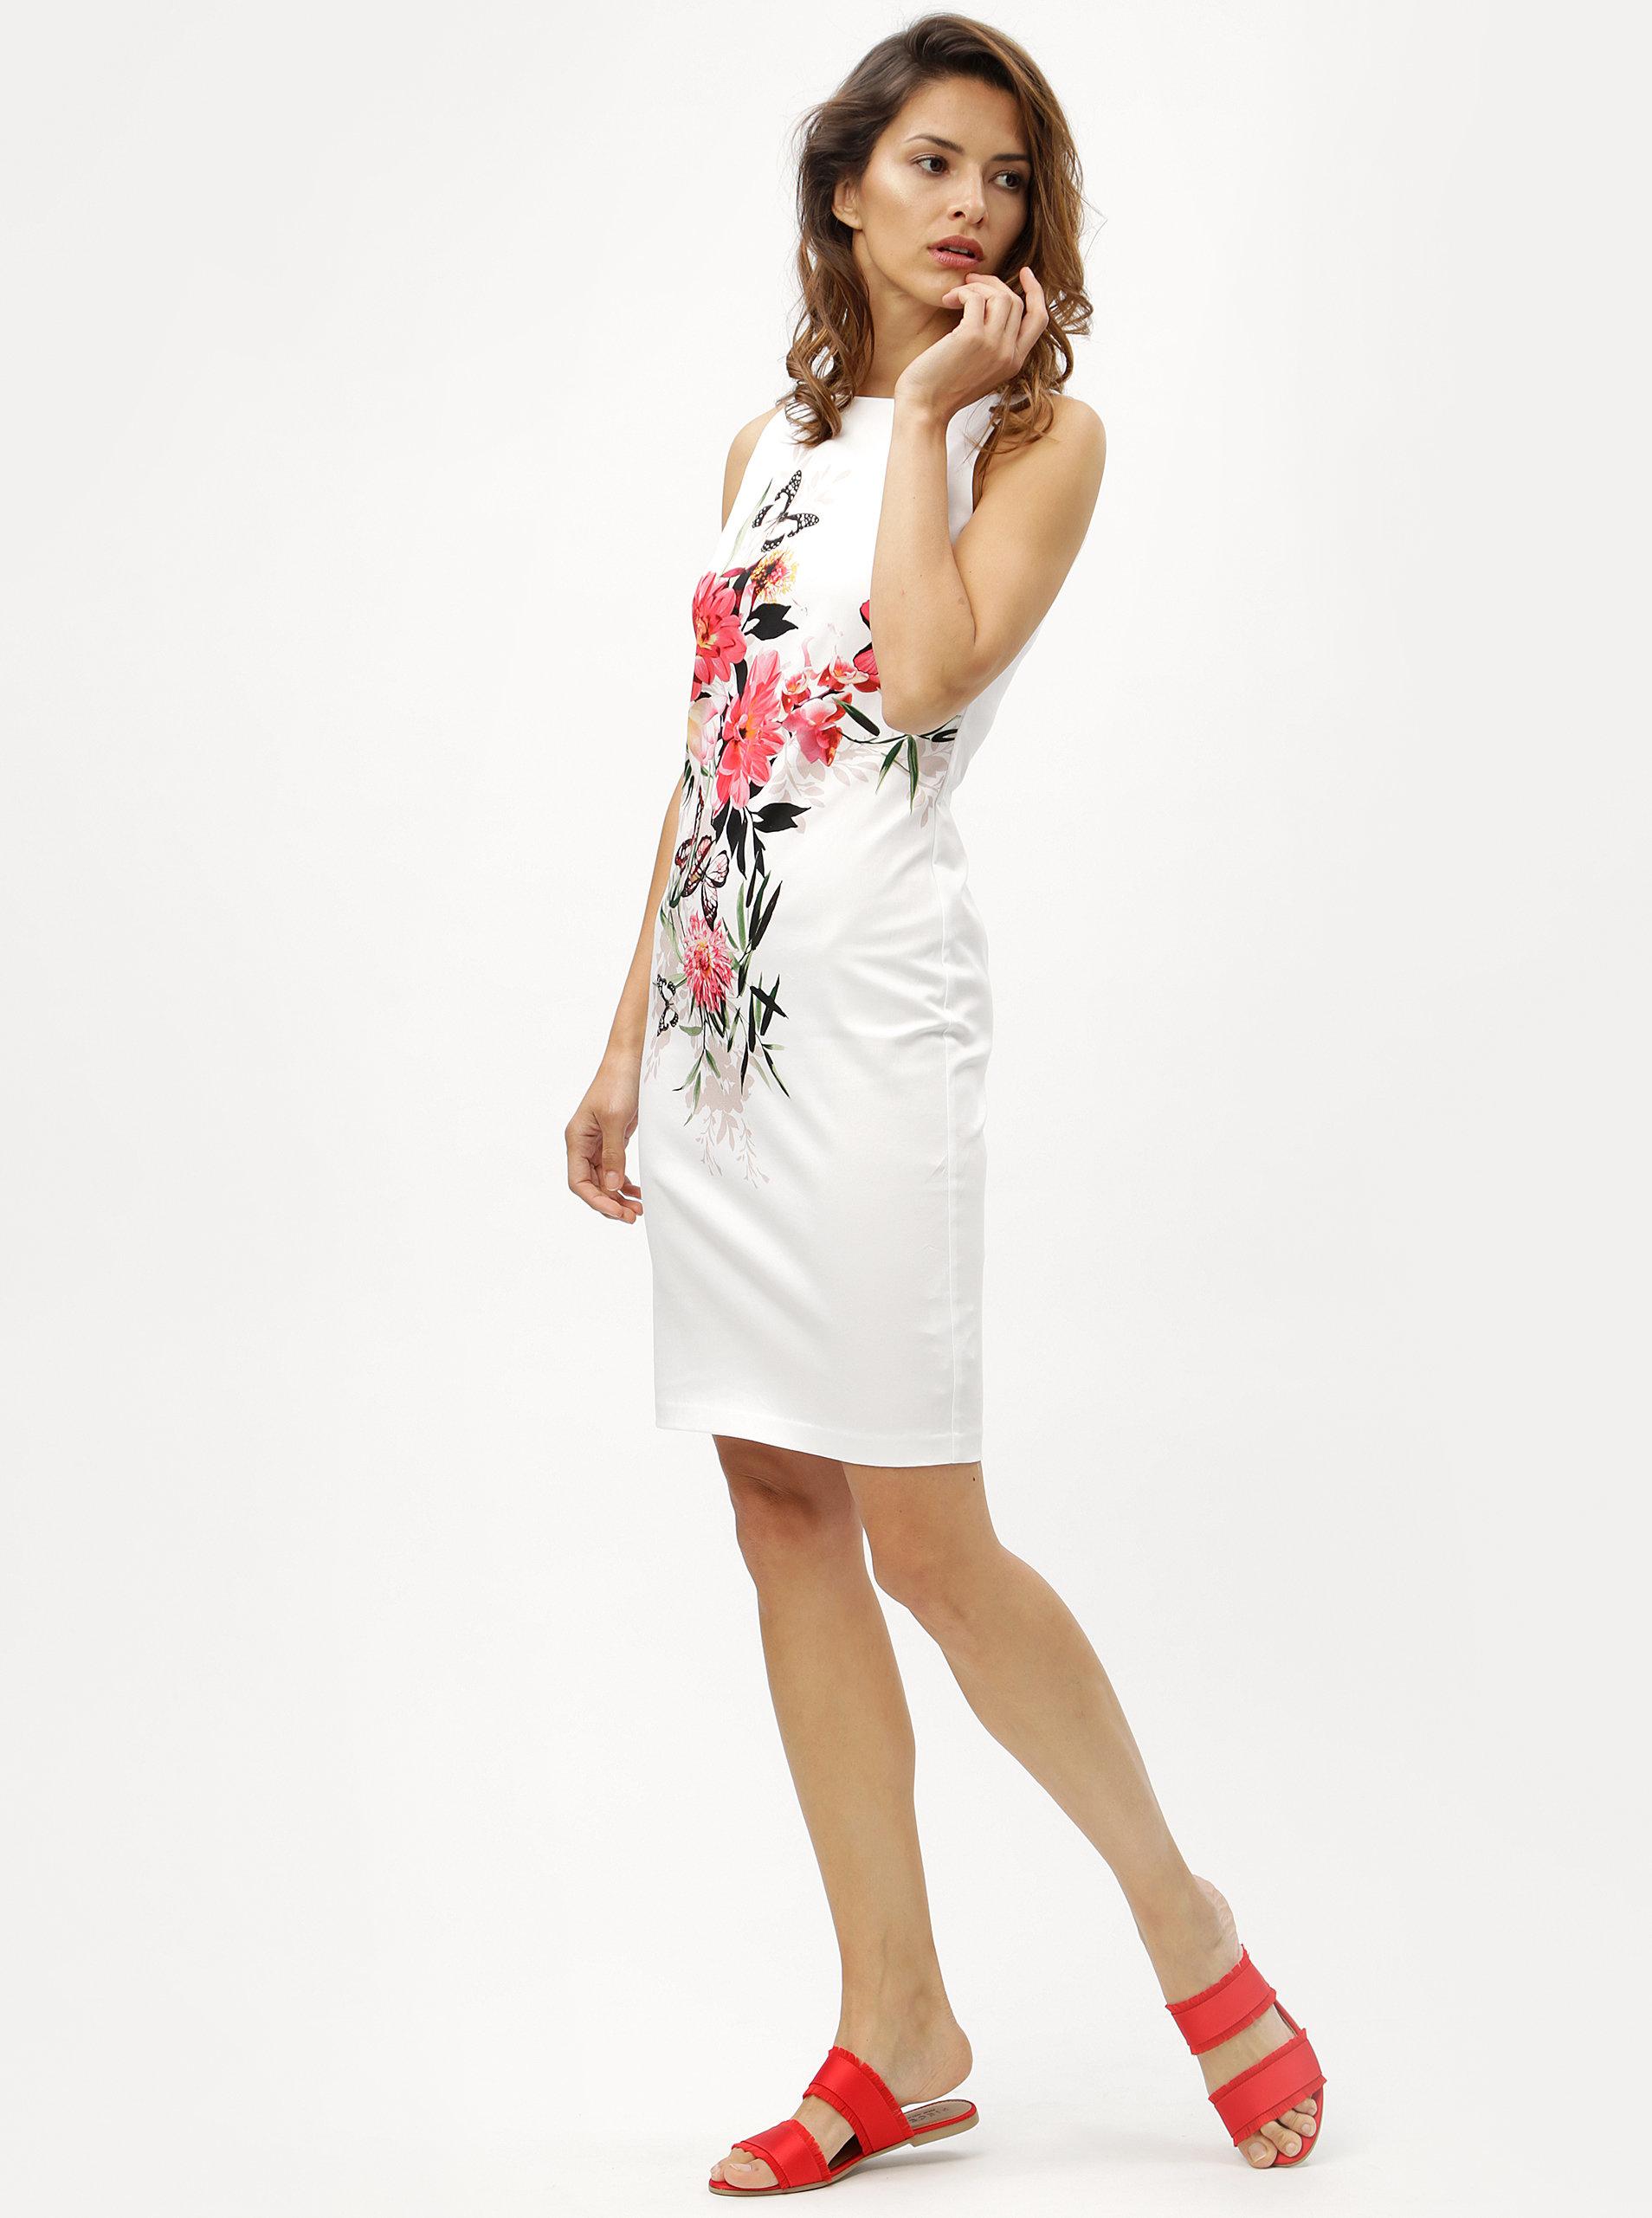 Bílé květované pouzdrové šaty M Co Oriantal ... 9cc2743c0b